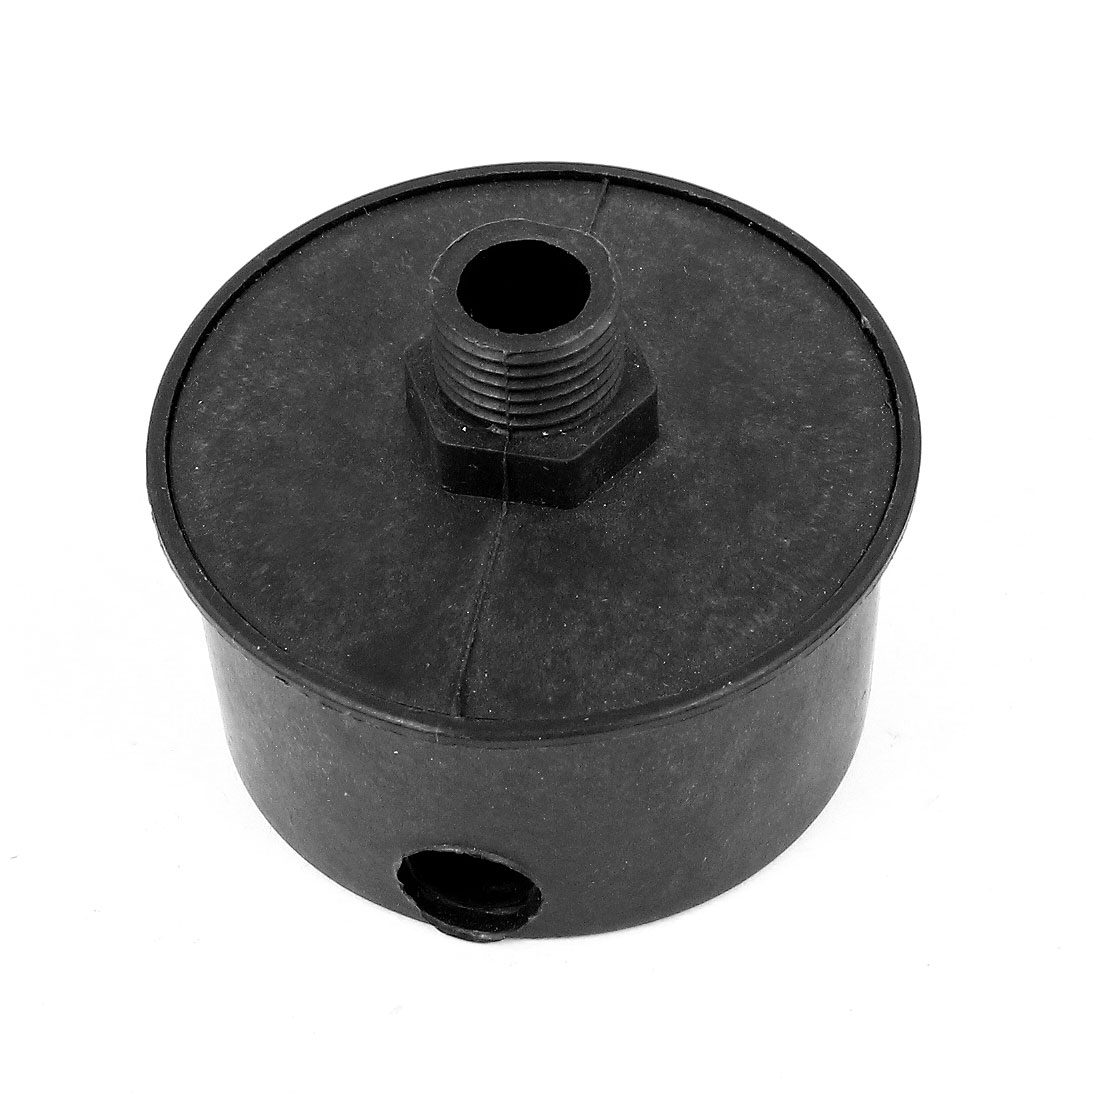 Black Plastic Housing 3/8PT Air Compressor Intake Filter Silencer